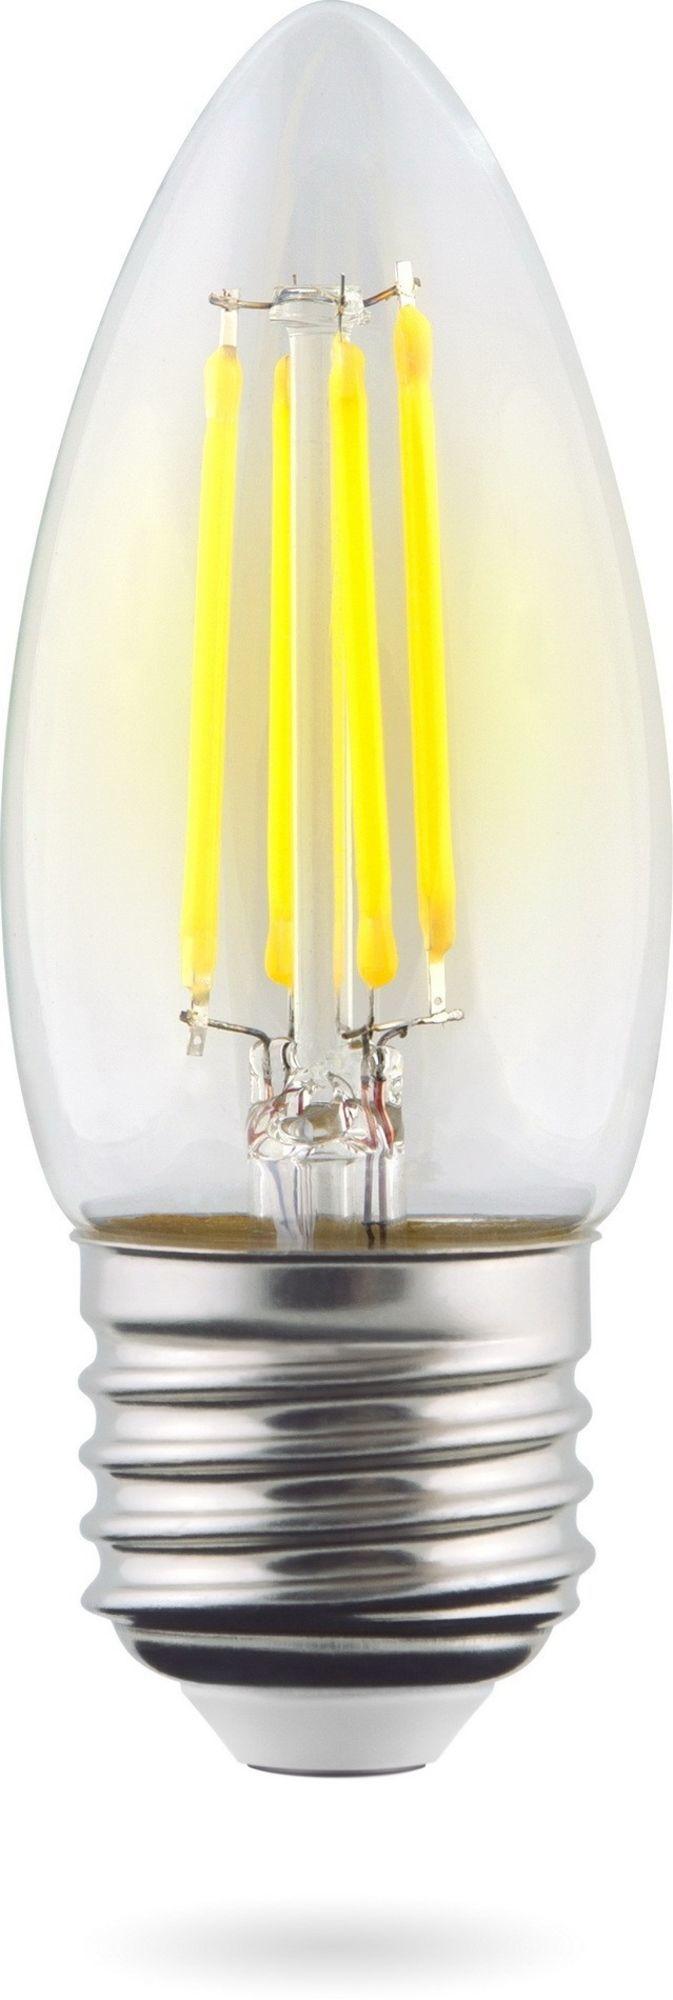 Филаментная светодиодная лампа Voltega Crystal 8335 свеча E27 4W, 4000K (дневной) 220V - фото 1